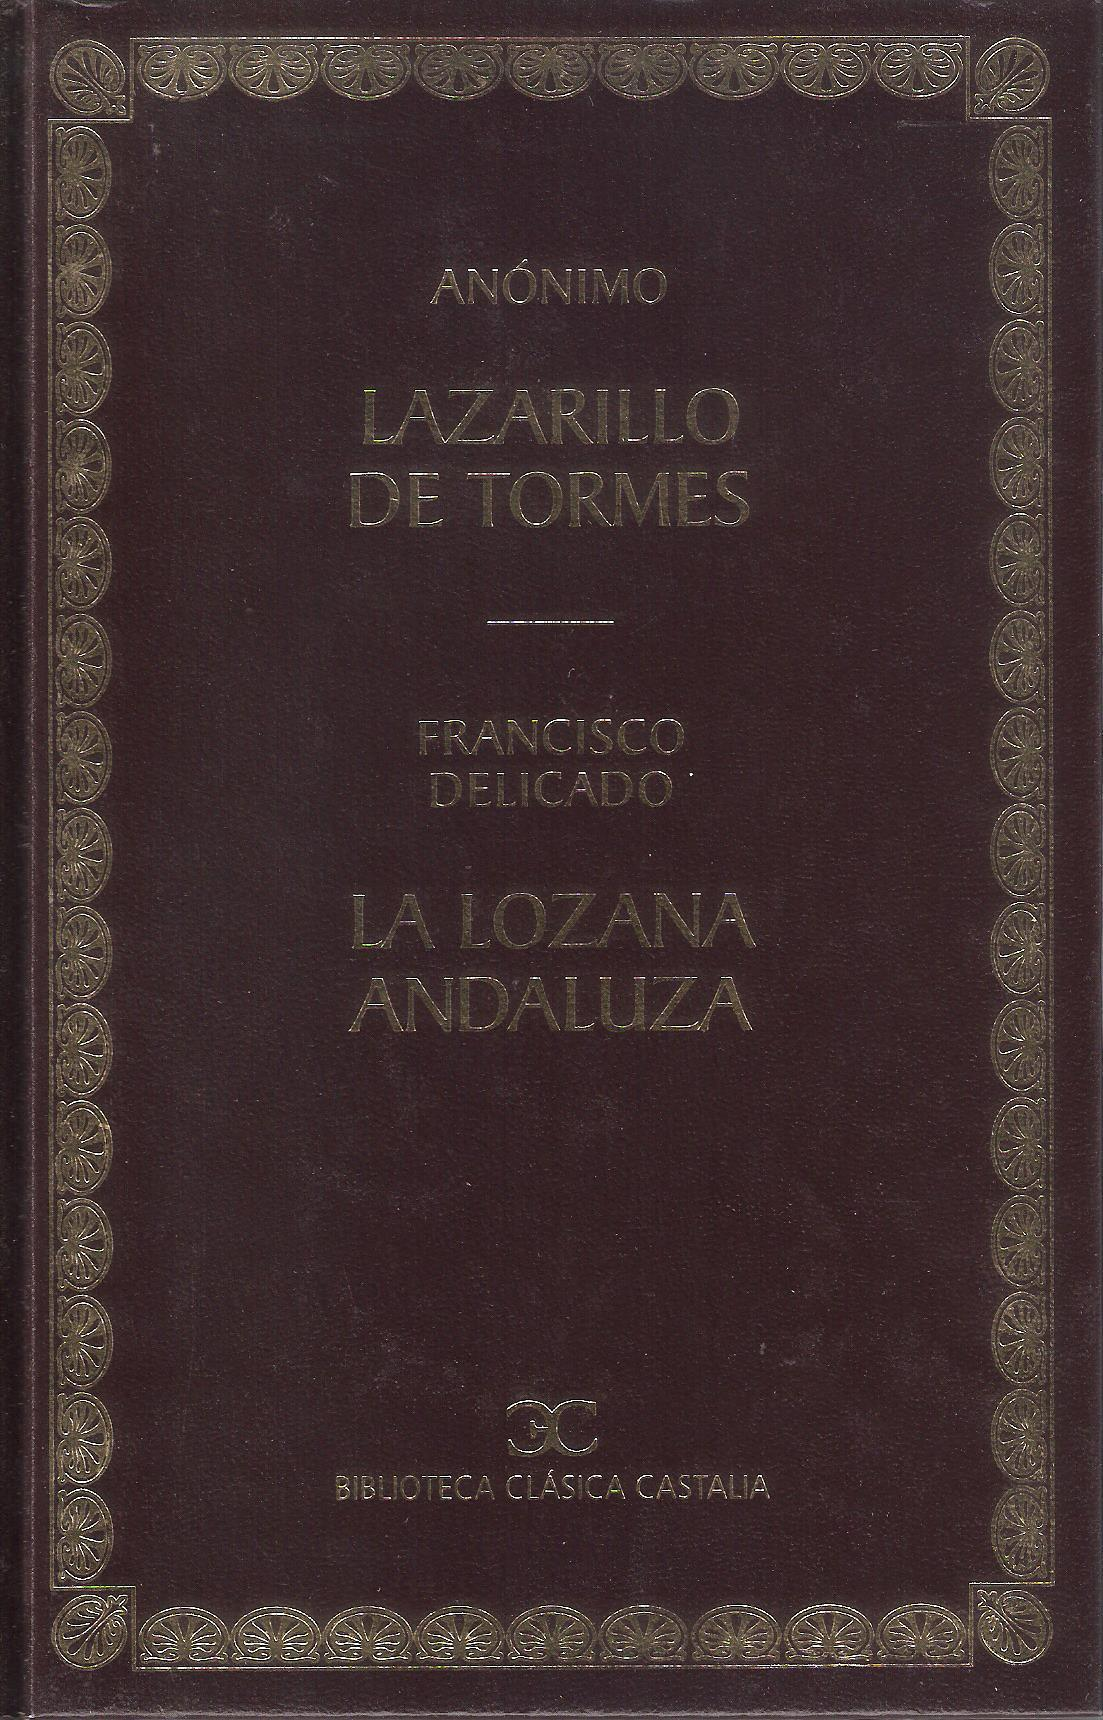 Lazarillo de Tormes. La lozana andaluza Anonymous